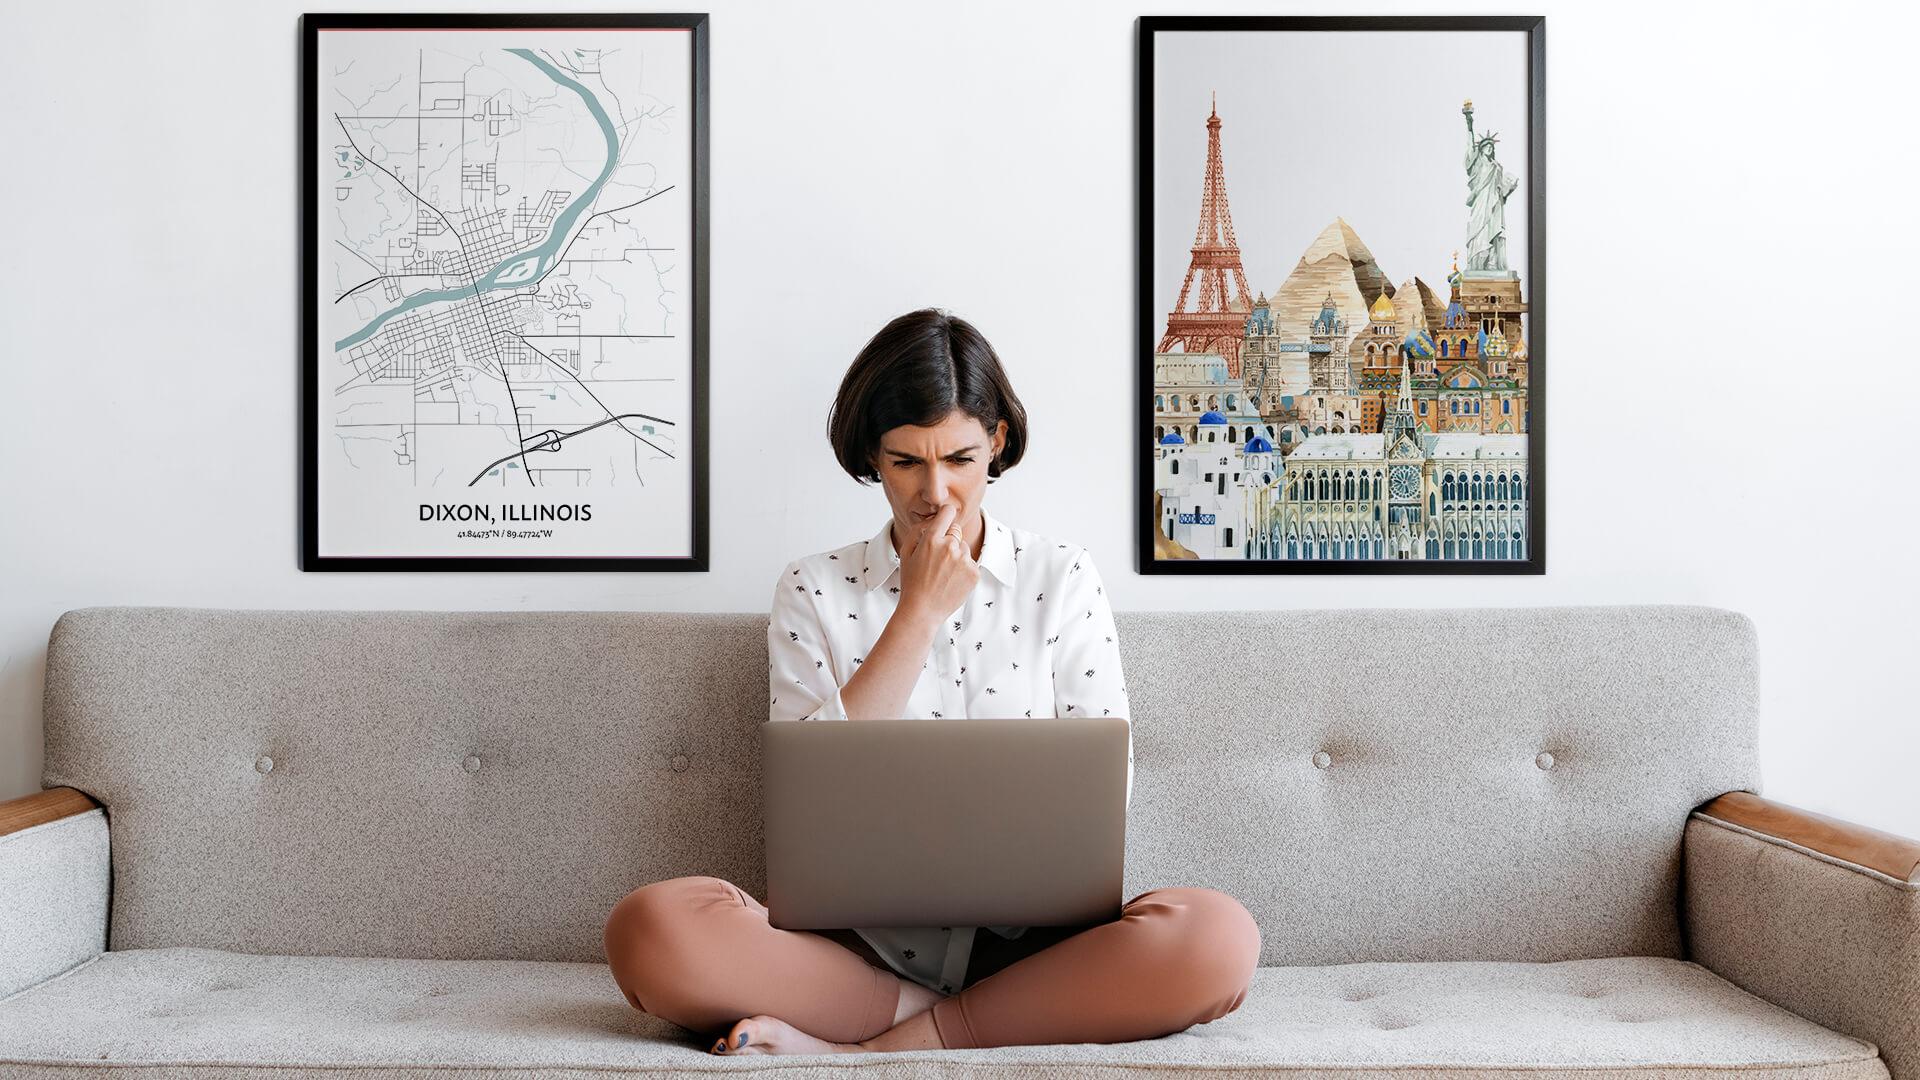 Dixon city map art